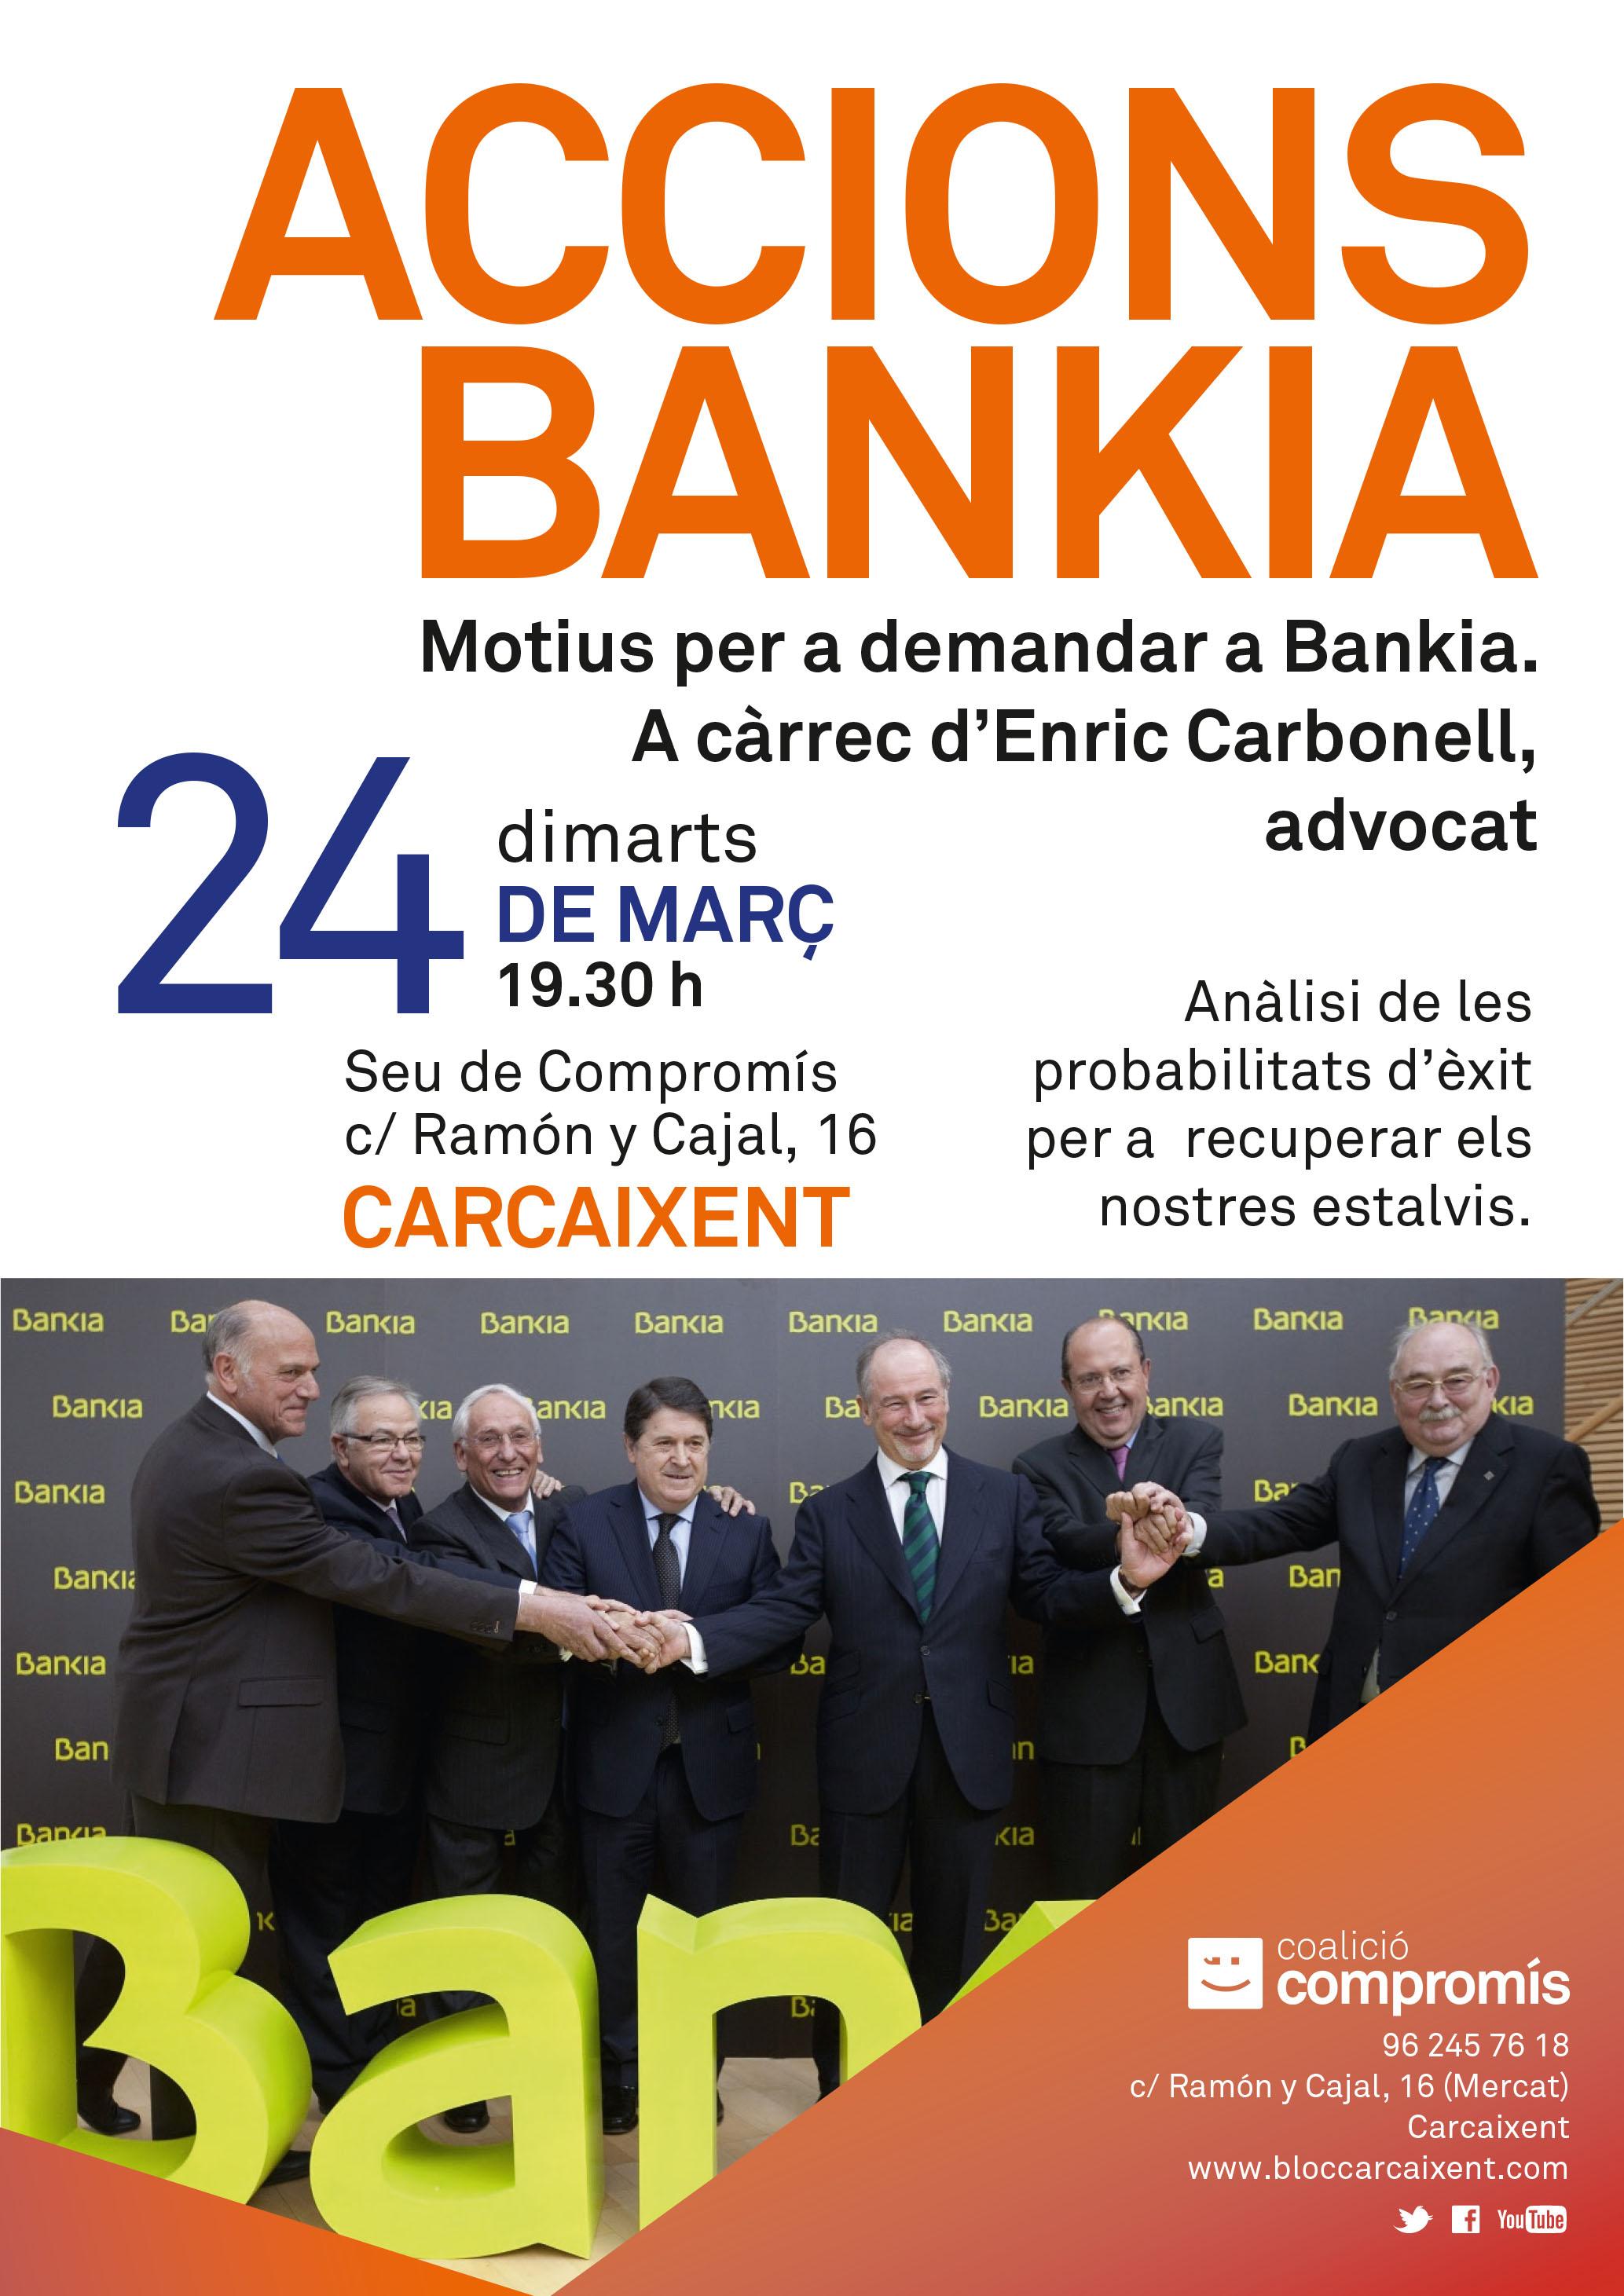 CONFERÈNCIA COL.LOQUI: ACCIONS BANKIA. MOTIUS PER A DEMANDAR A BANKIA.